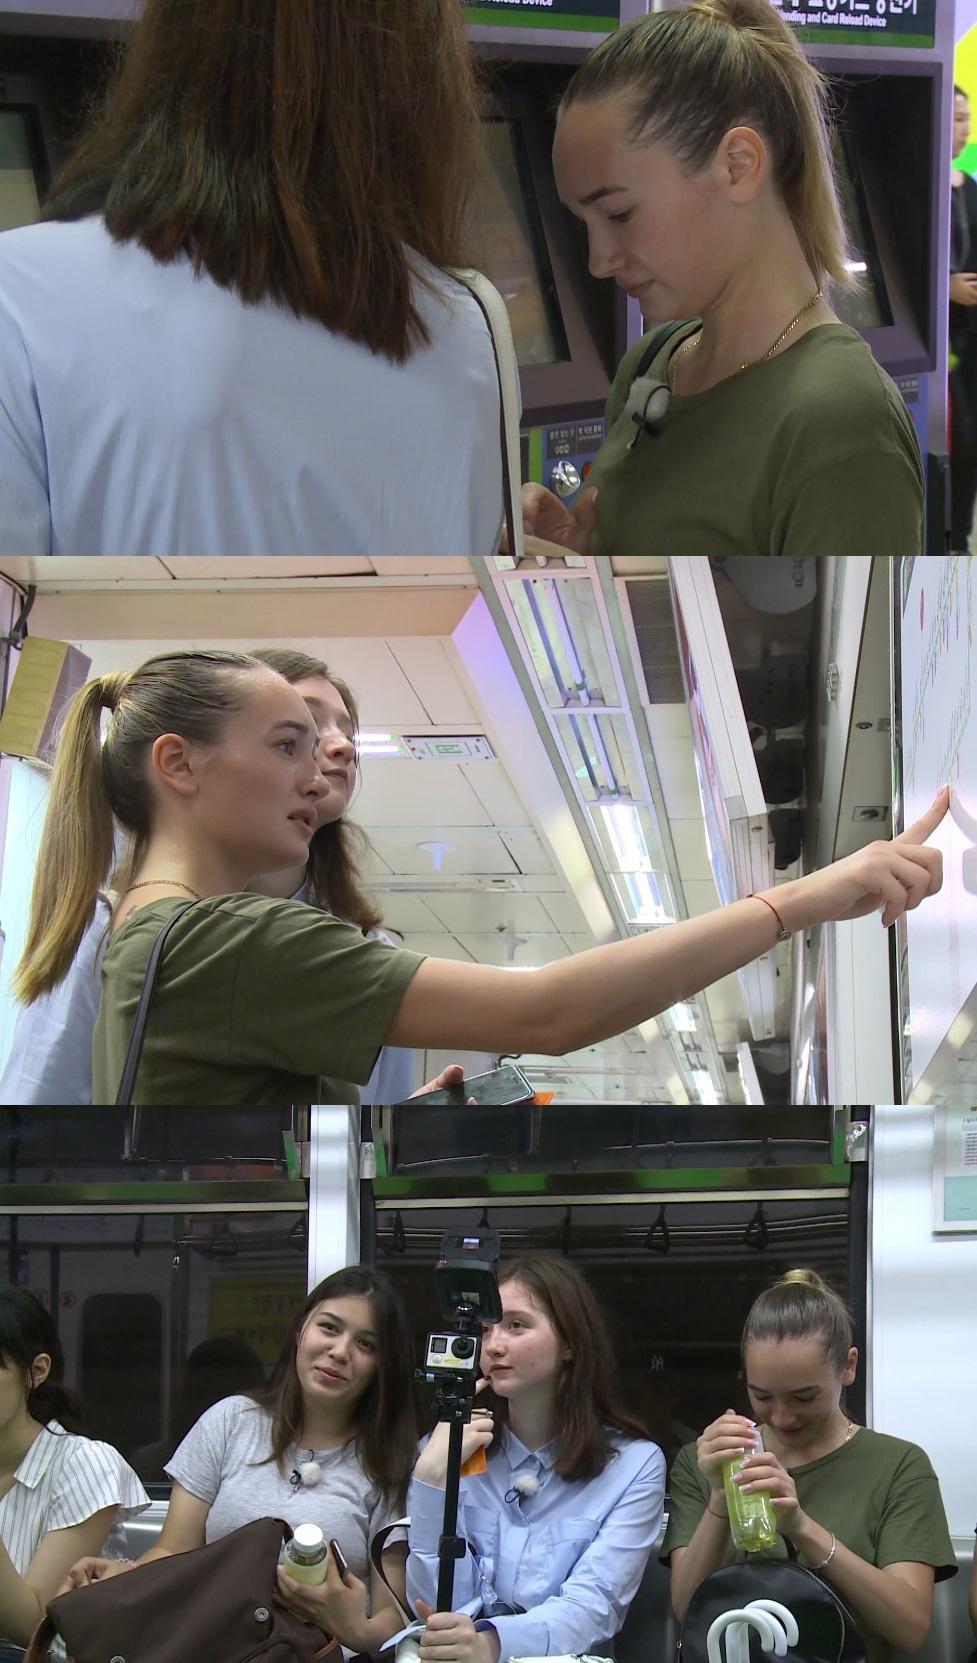 <어서와 한국은 처음이지> 러시아 친구들의 스마트한 한국 지하철 경험기